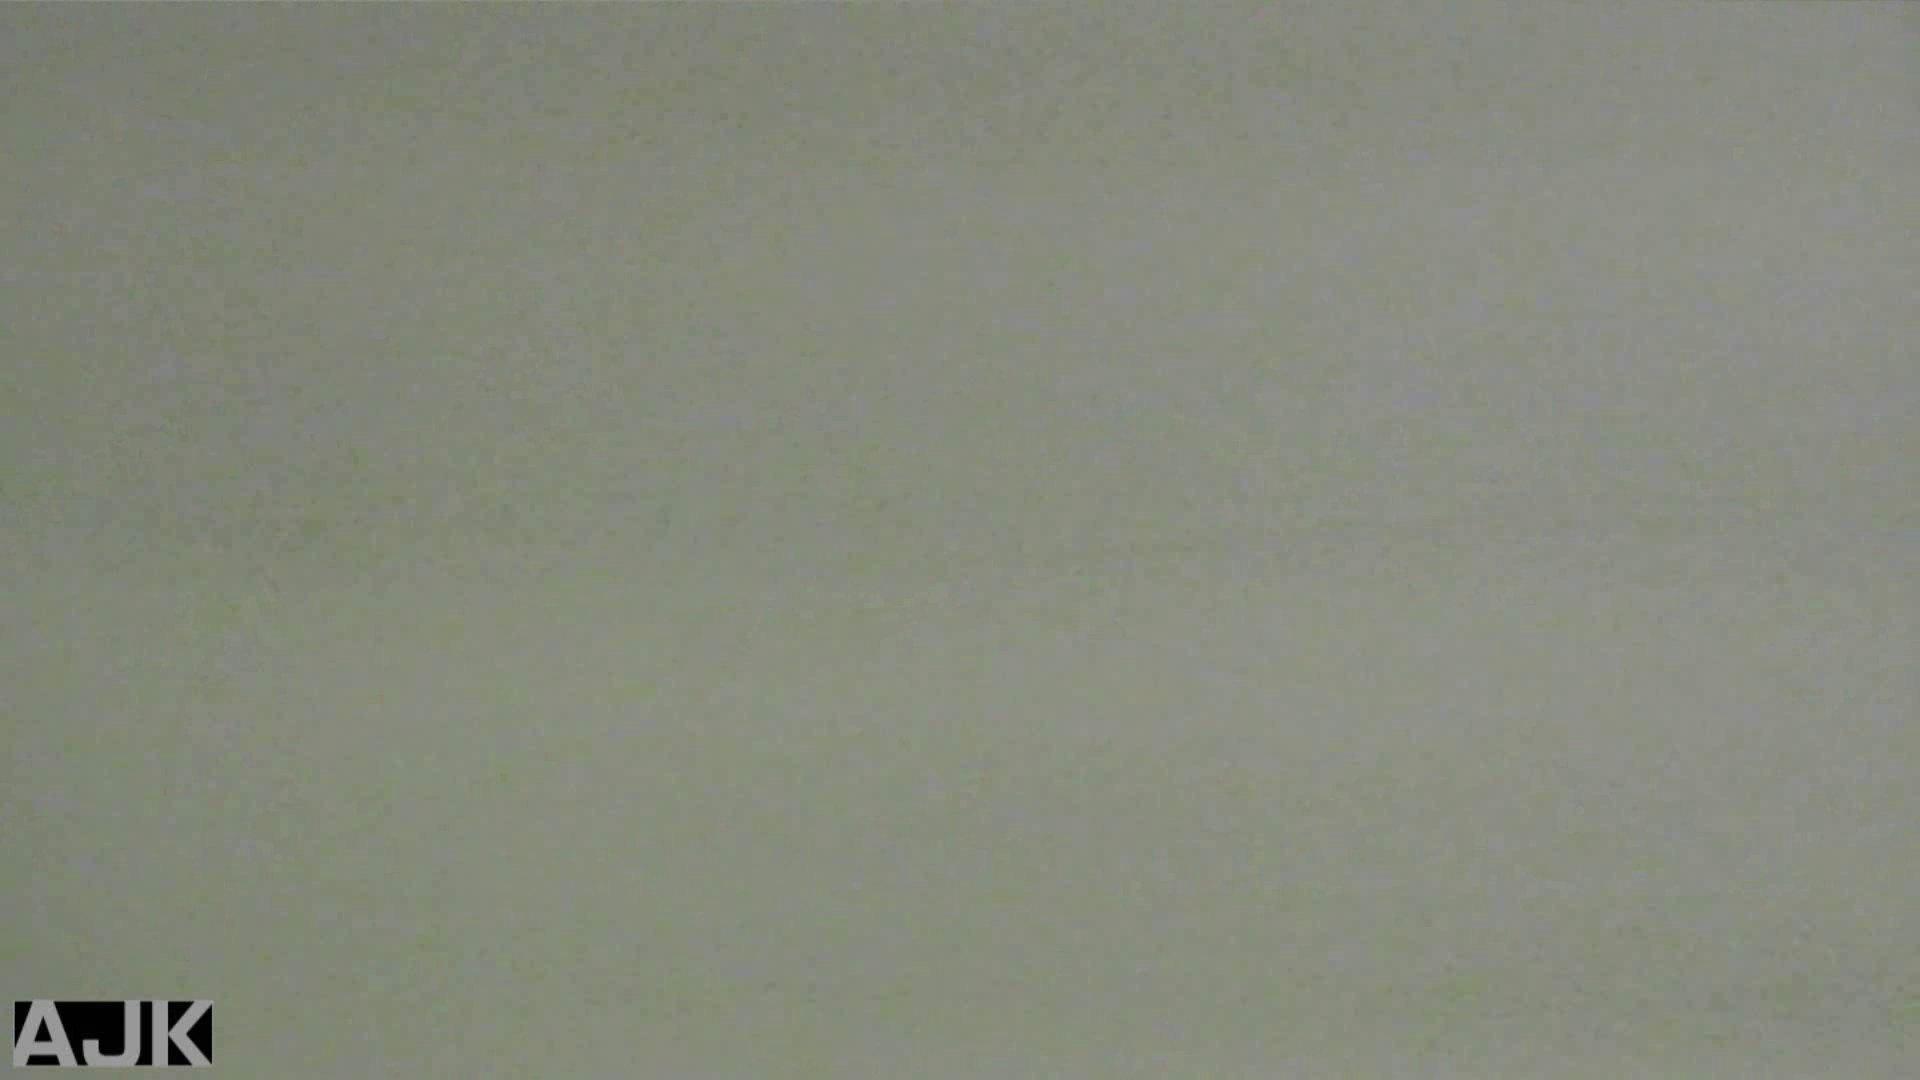 神降臨!史上最強の潜入かわや! vol.28 美女まとめ オマンコ無修正動画無料 106PIX 23